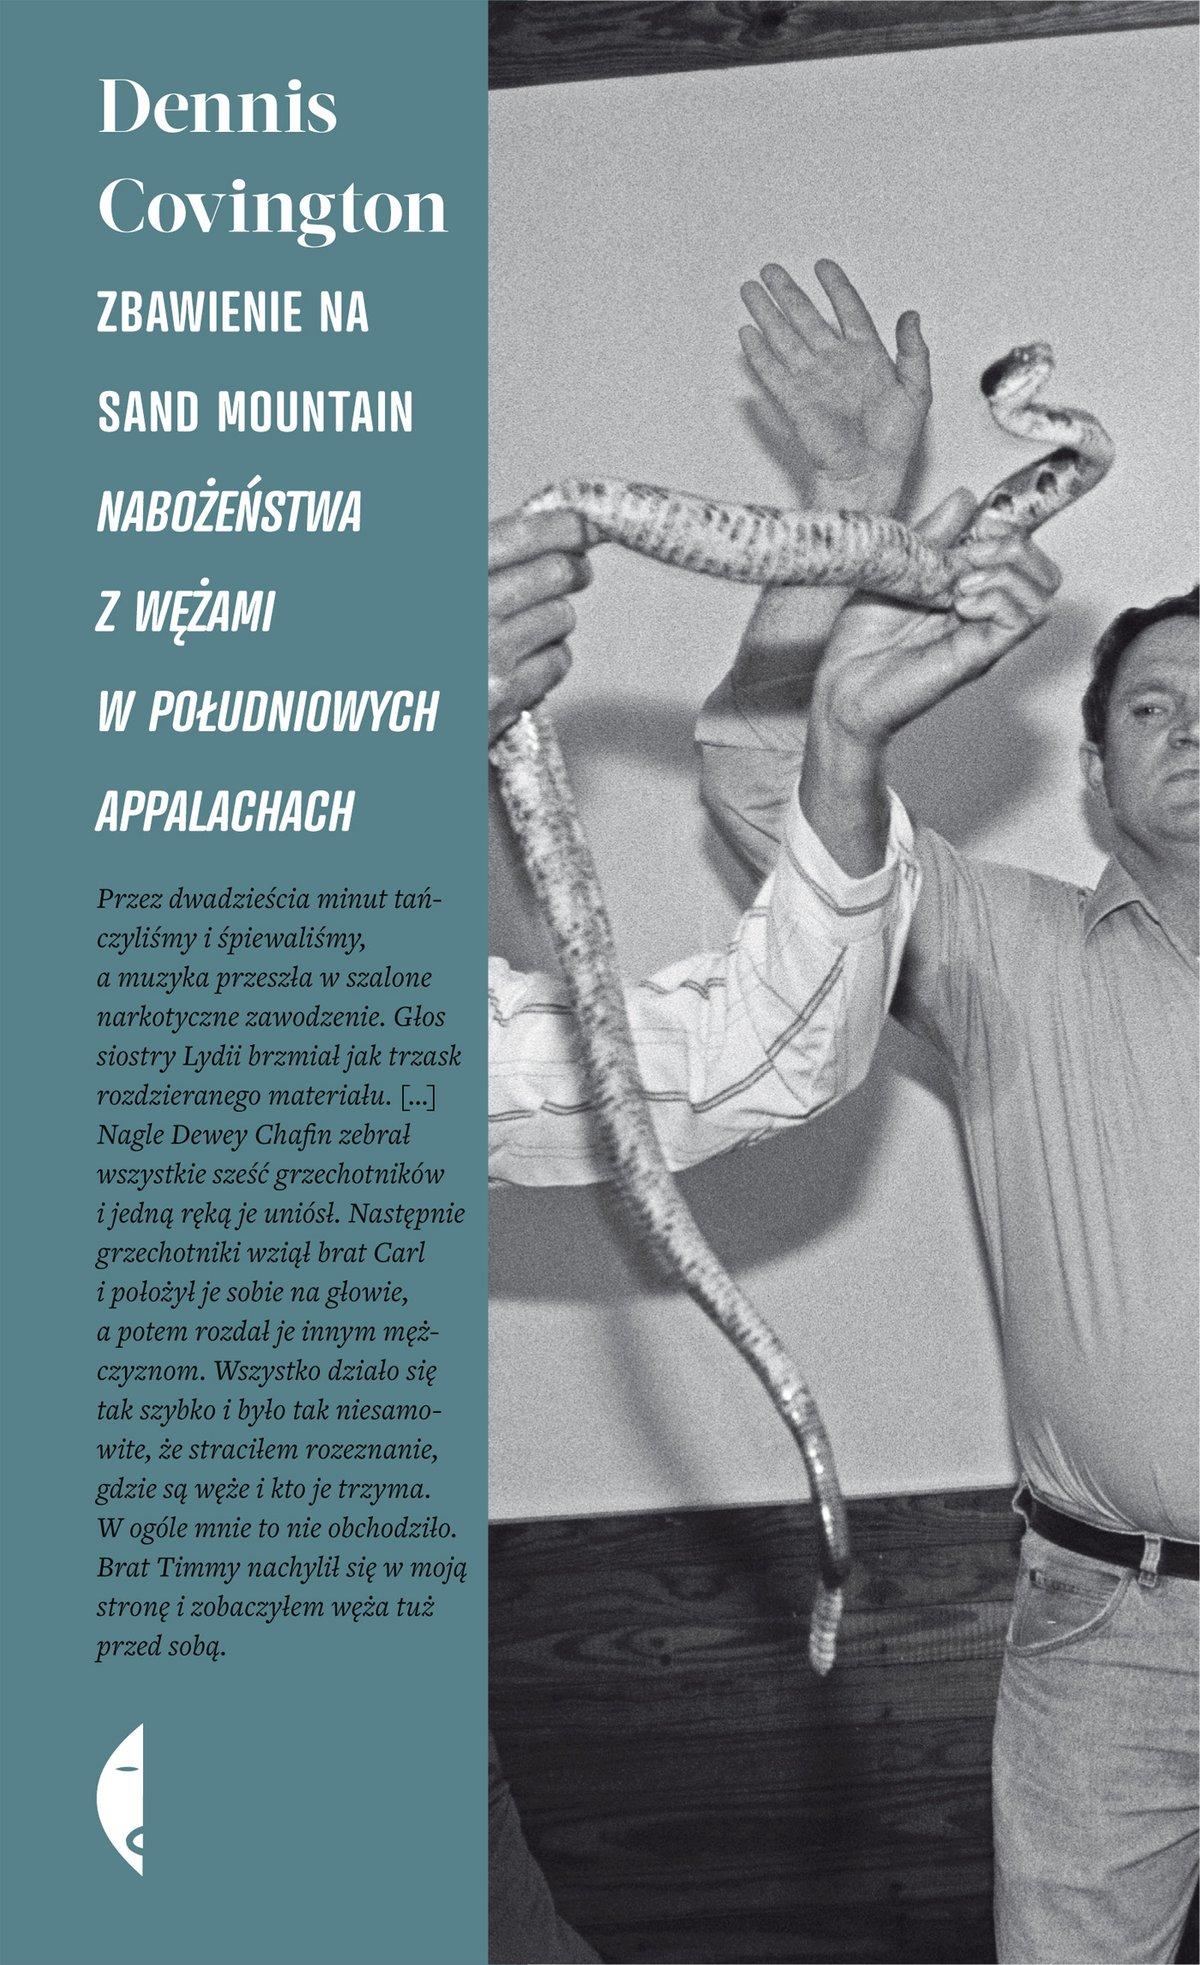 Zbawienie na Sand Mountain - Ebook (Książka EPUB) do pobrania w formacie EPUB